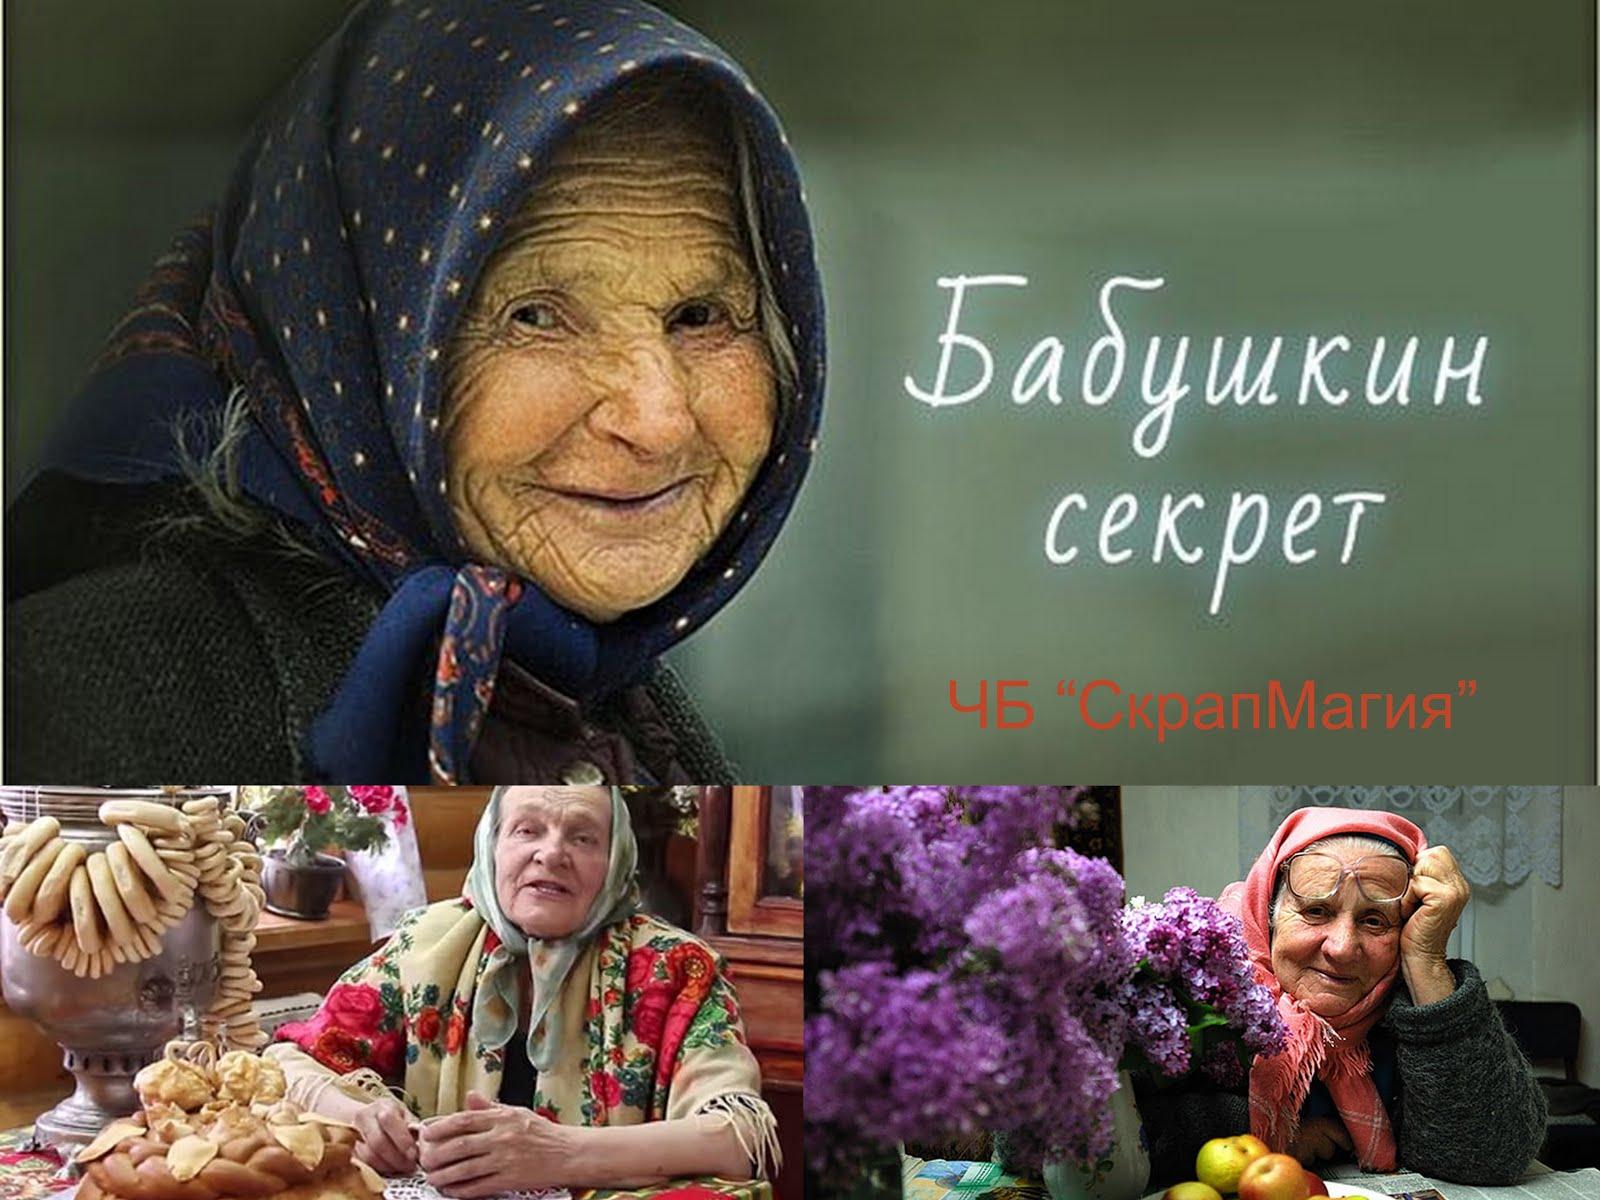 ТЗ Бабушкин секрет (работы о бабушках))